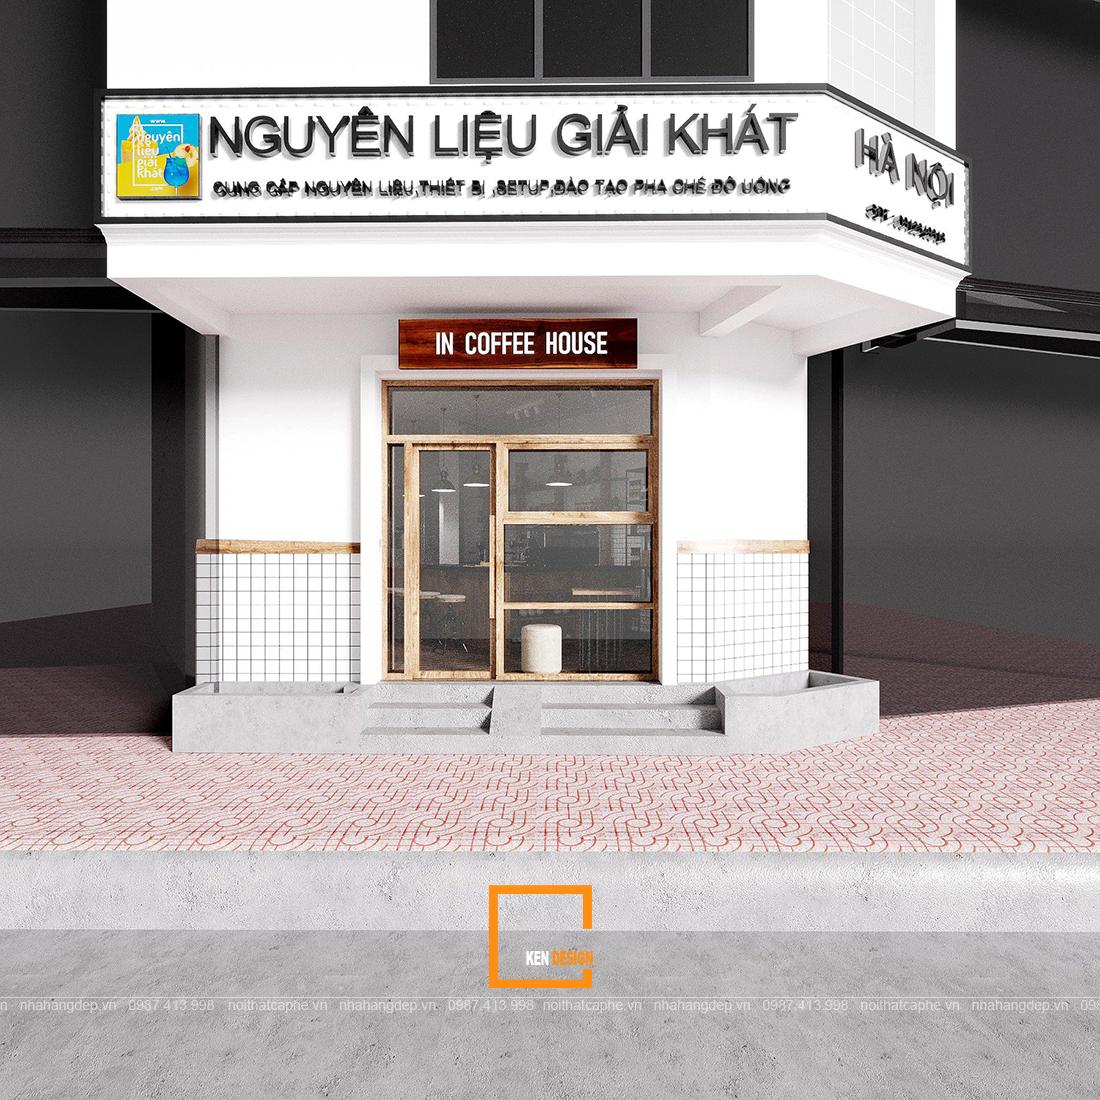 Thiết kế quán In Coffee House -  viên ngọc châu mộc mạc giữa phố thị phồn hoa